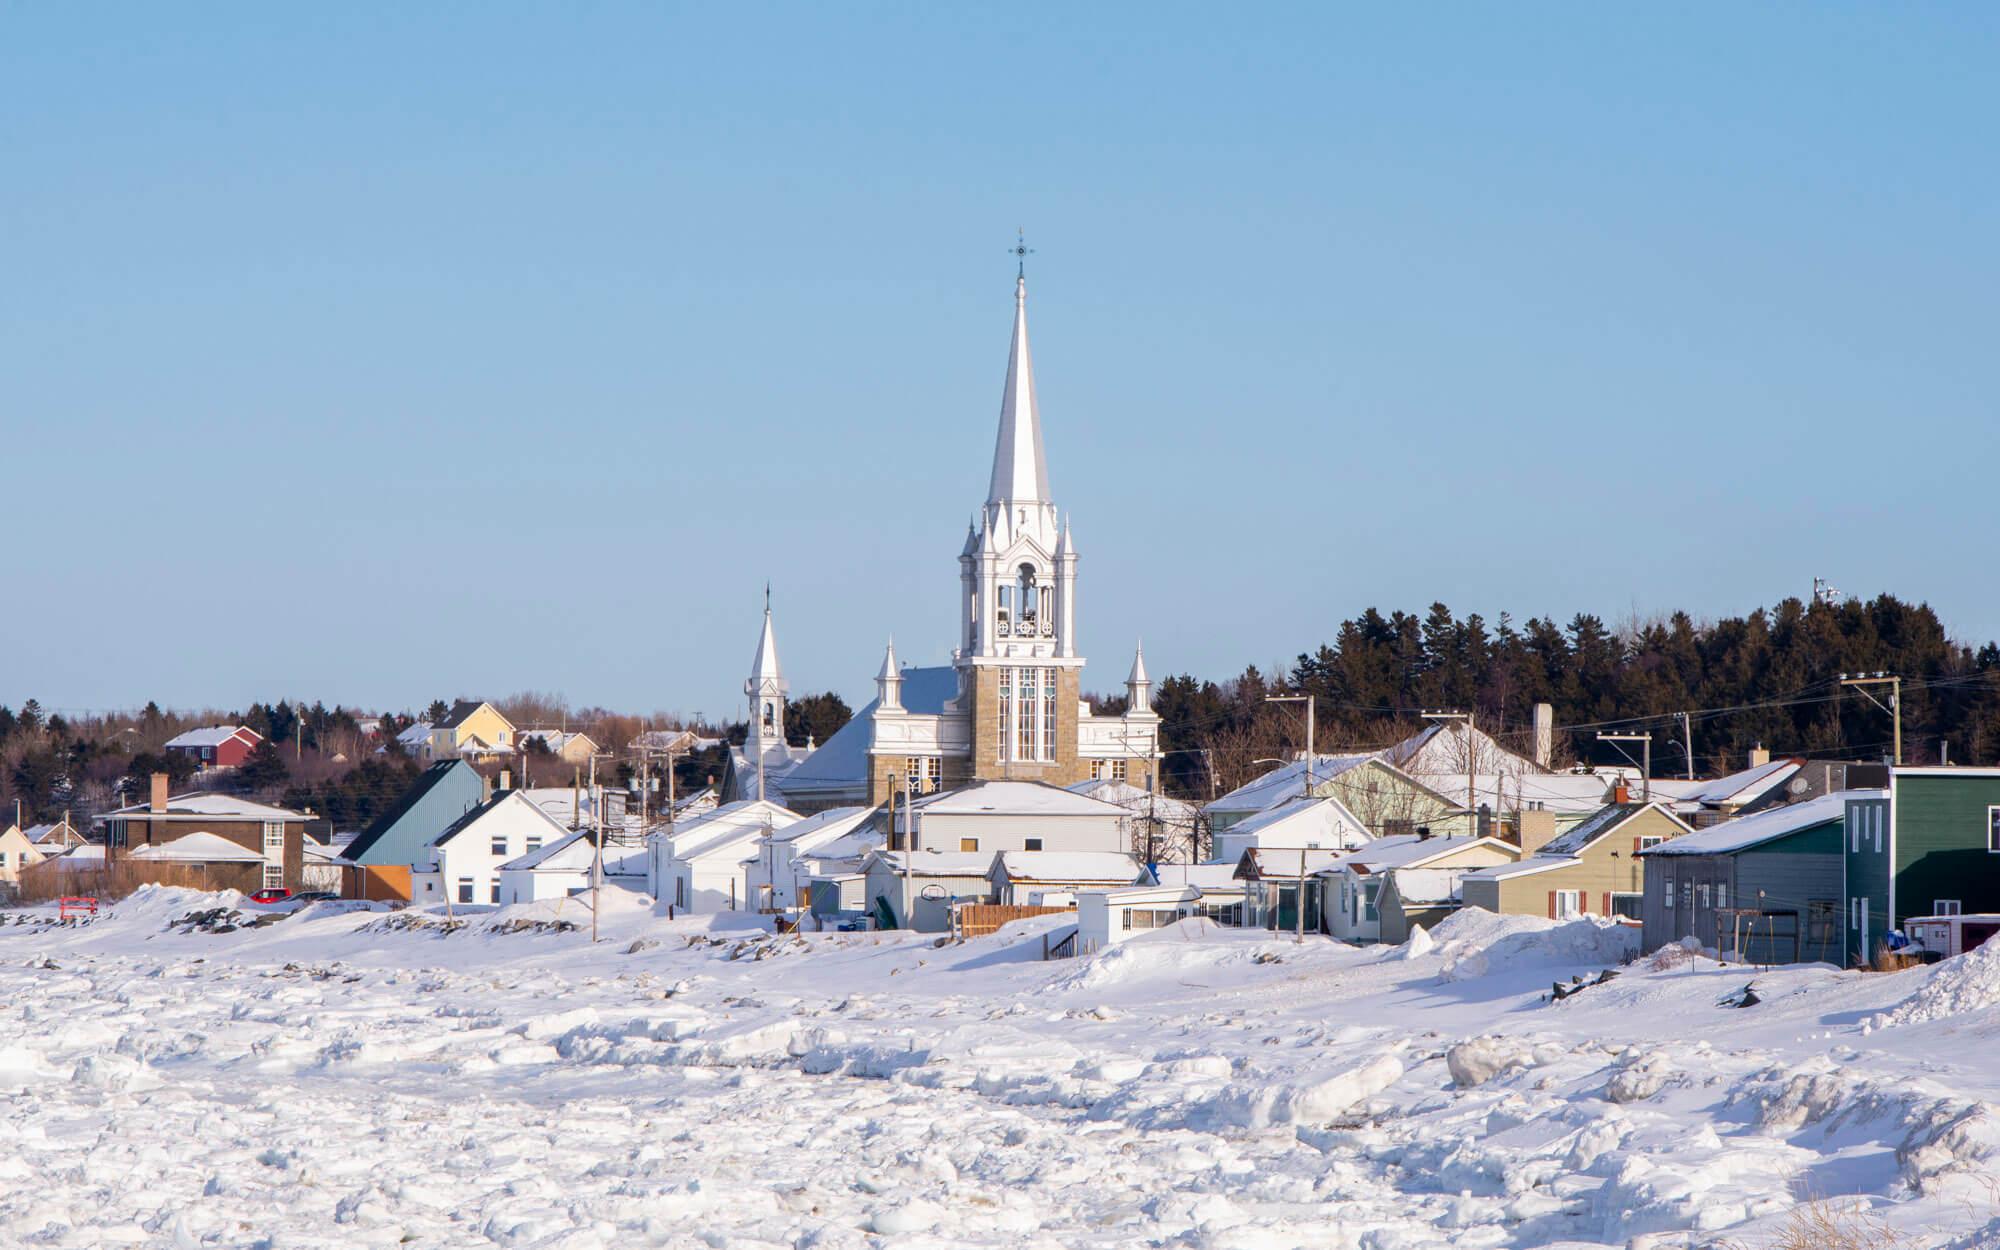 Saint-Ulric église